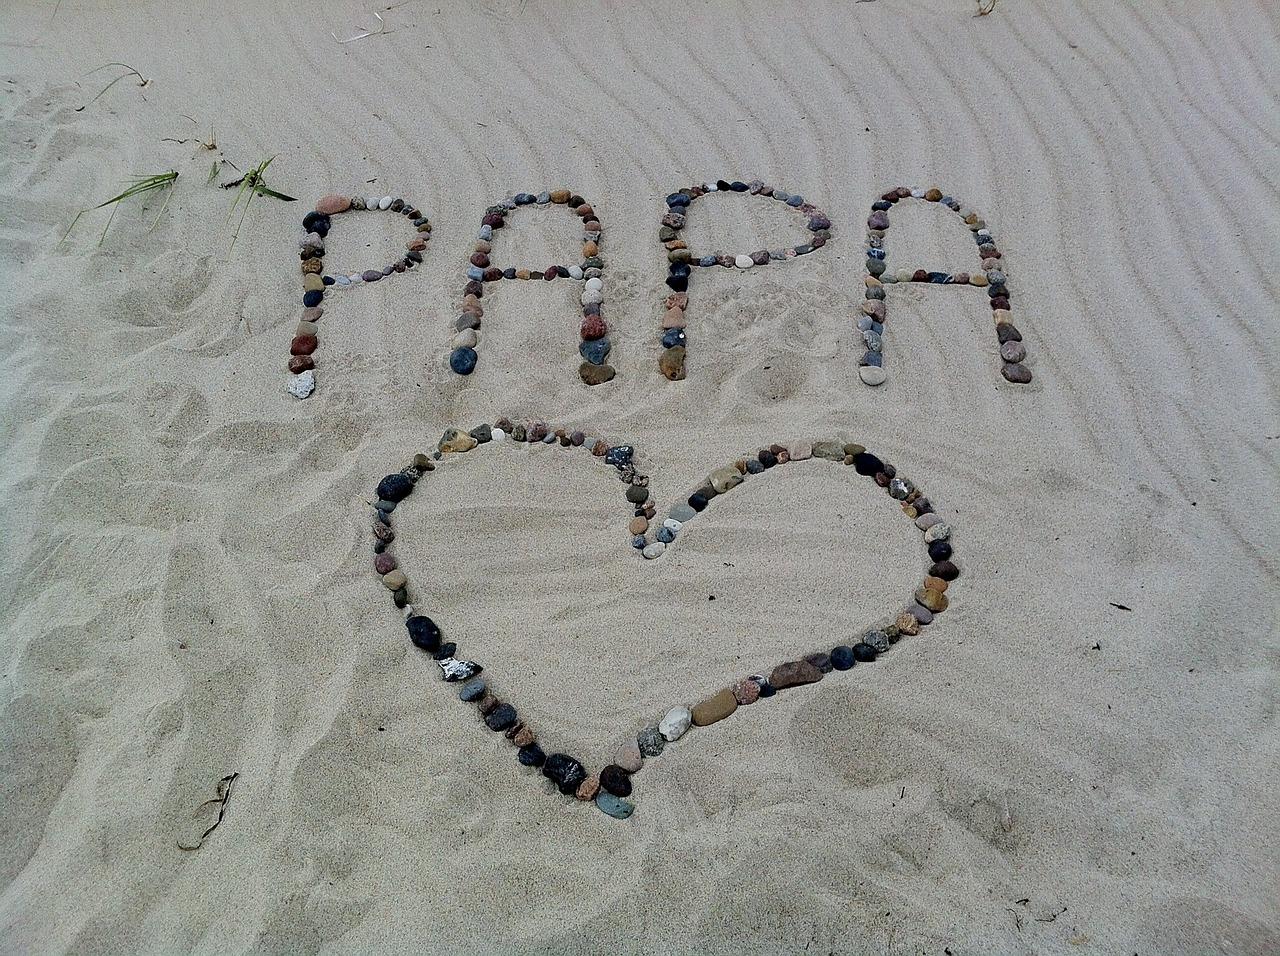 砂浜に書いたPAPAの字